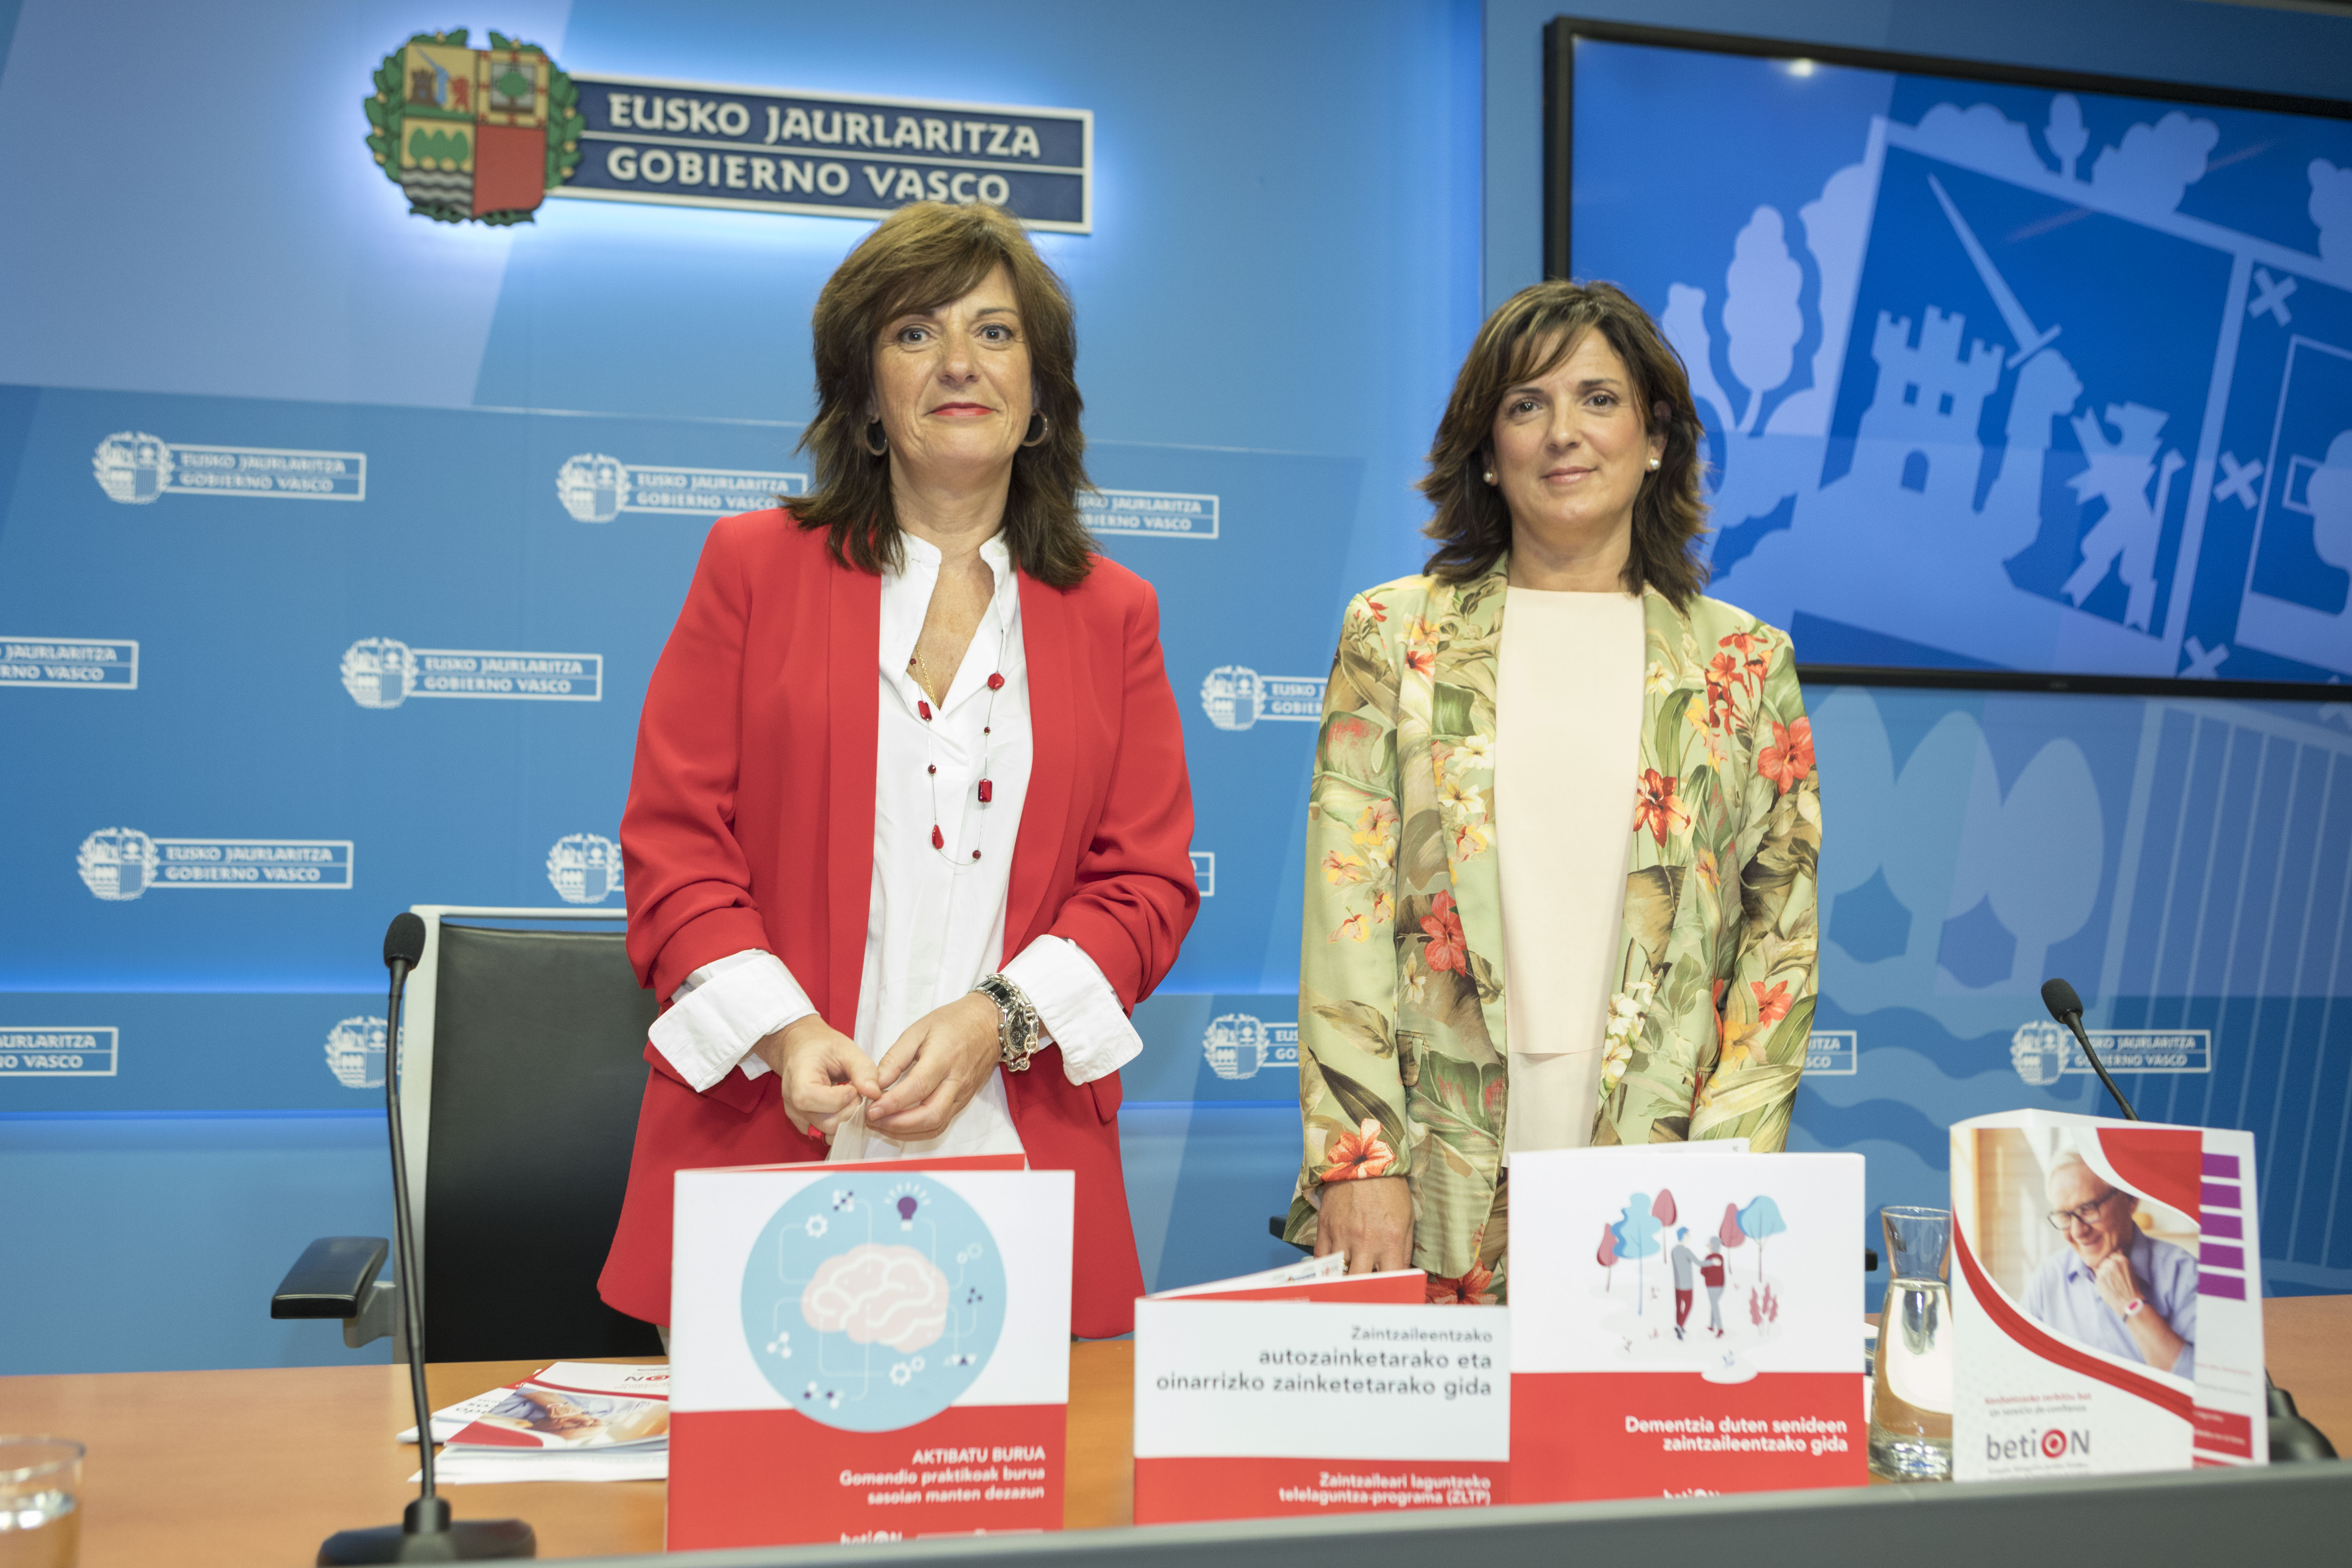 """Beatriz Artolazabal: """"el servicio de Teleasistencia betiOn constituye un referente internacional en la atención a las personas mayores a quienes facilita una autonomía, seguridad y empoderamiento"""""""